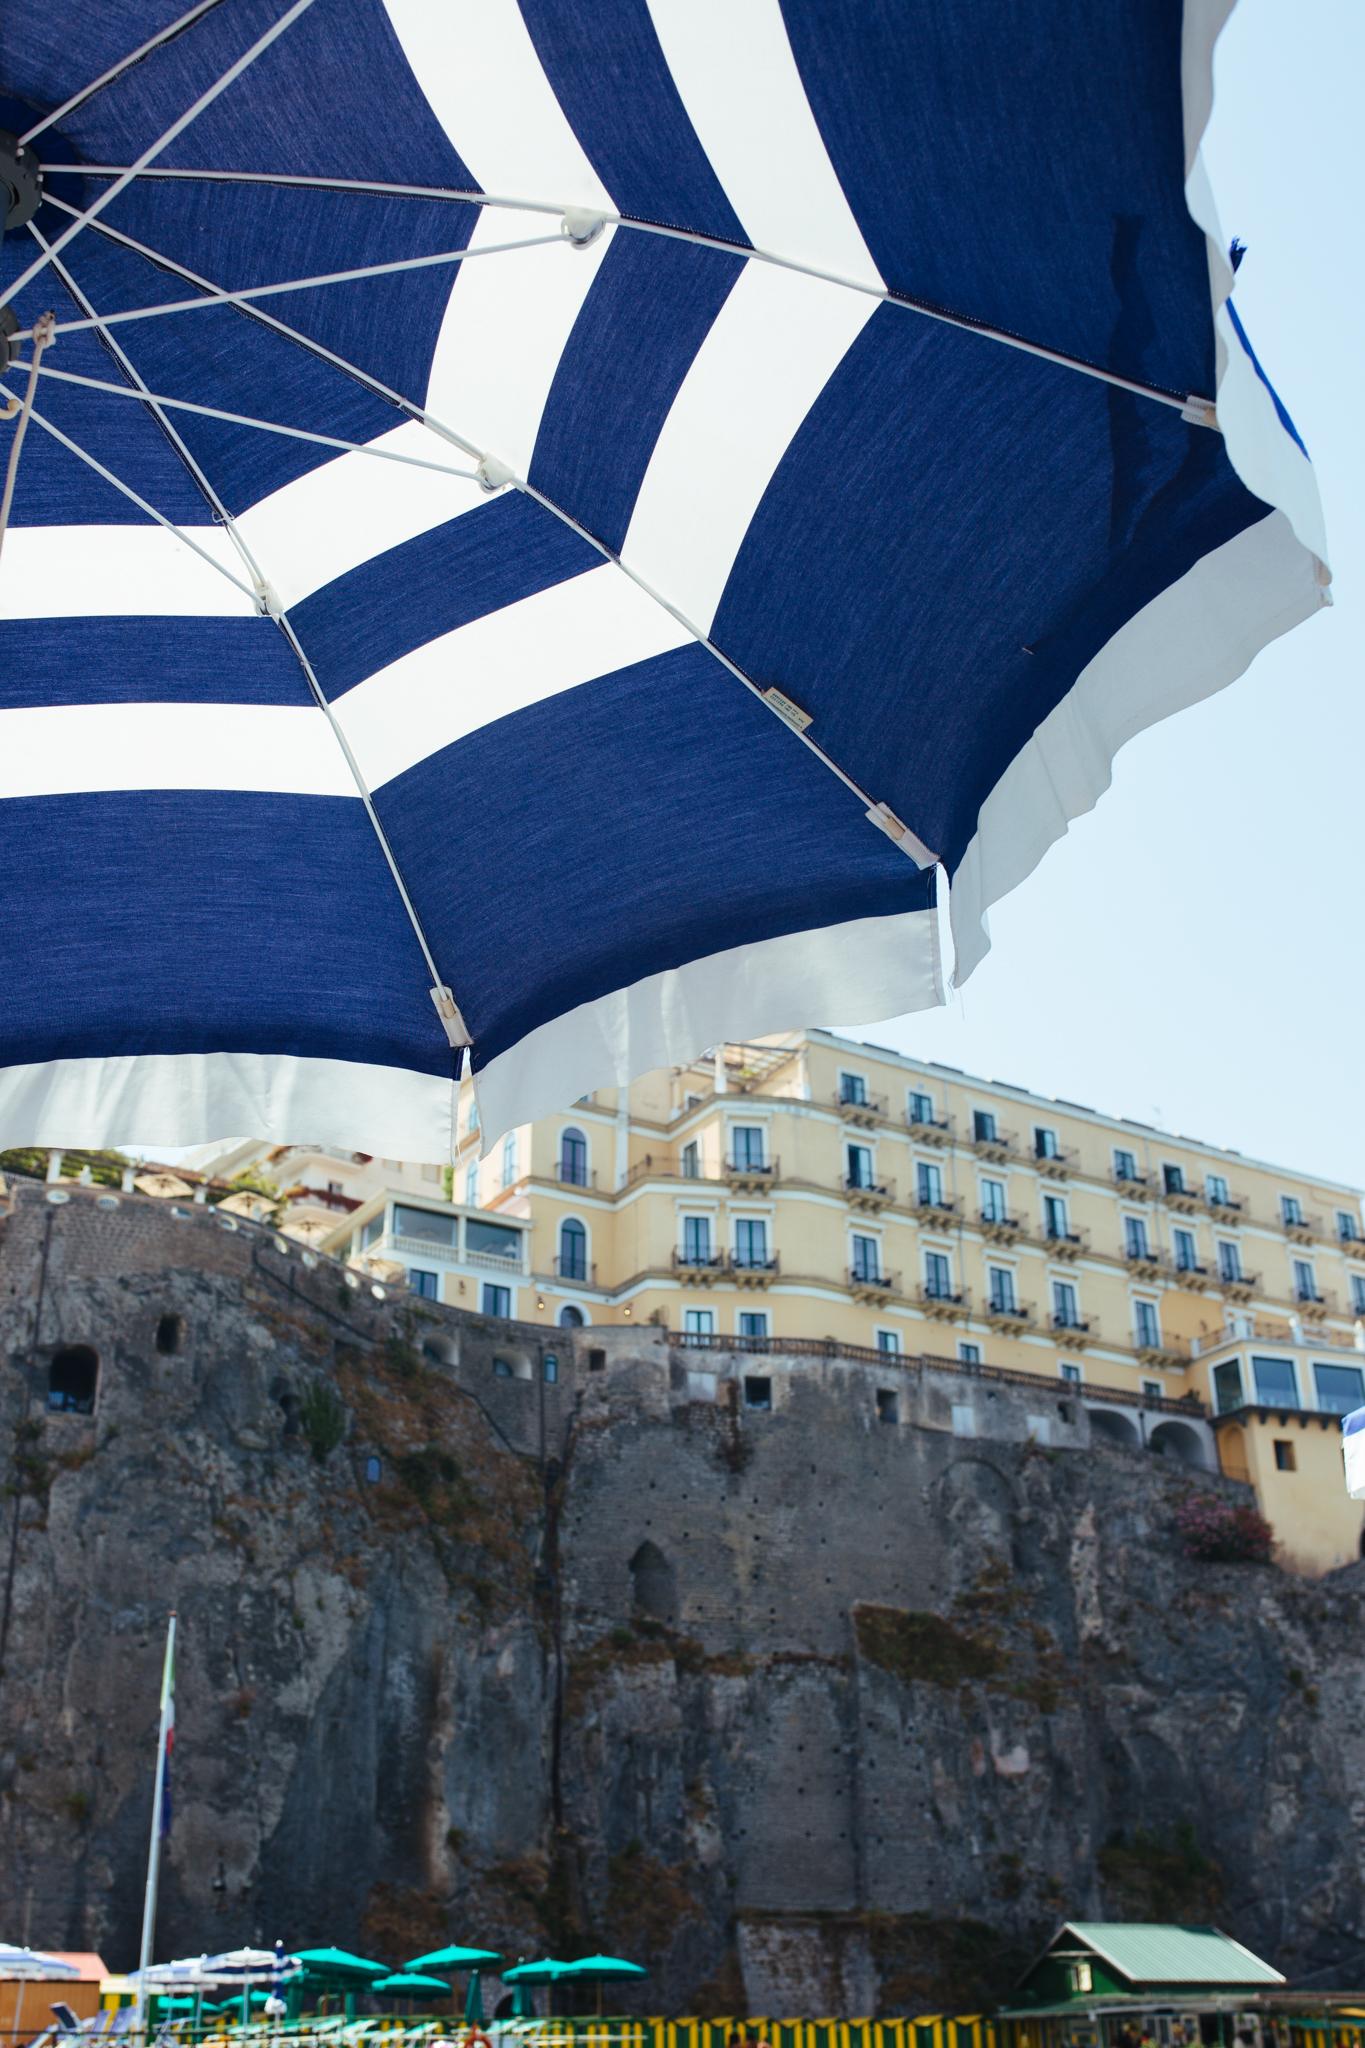 sorrento-italy-italy travel-italian summer-alina mendoza-alina mendoza photography-arose travels-best italian beaches-best beaches in italy-8320.jpg